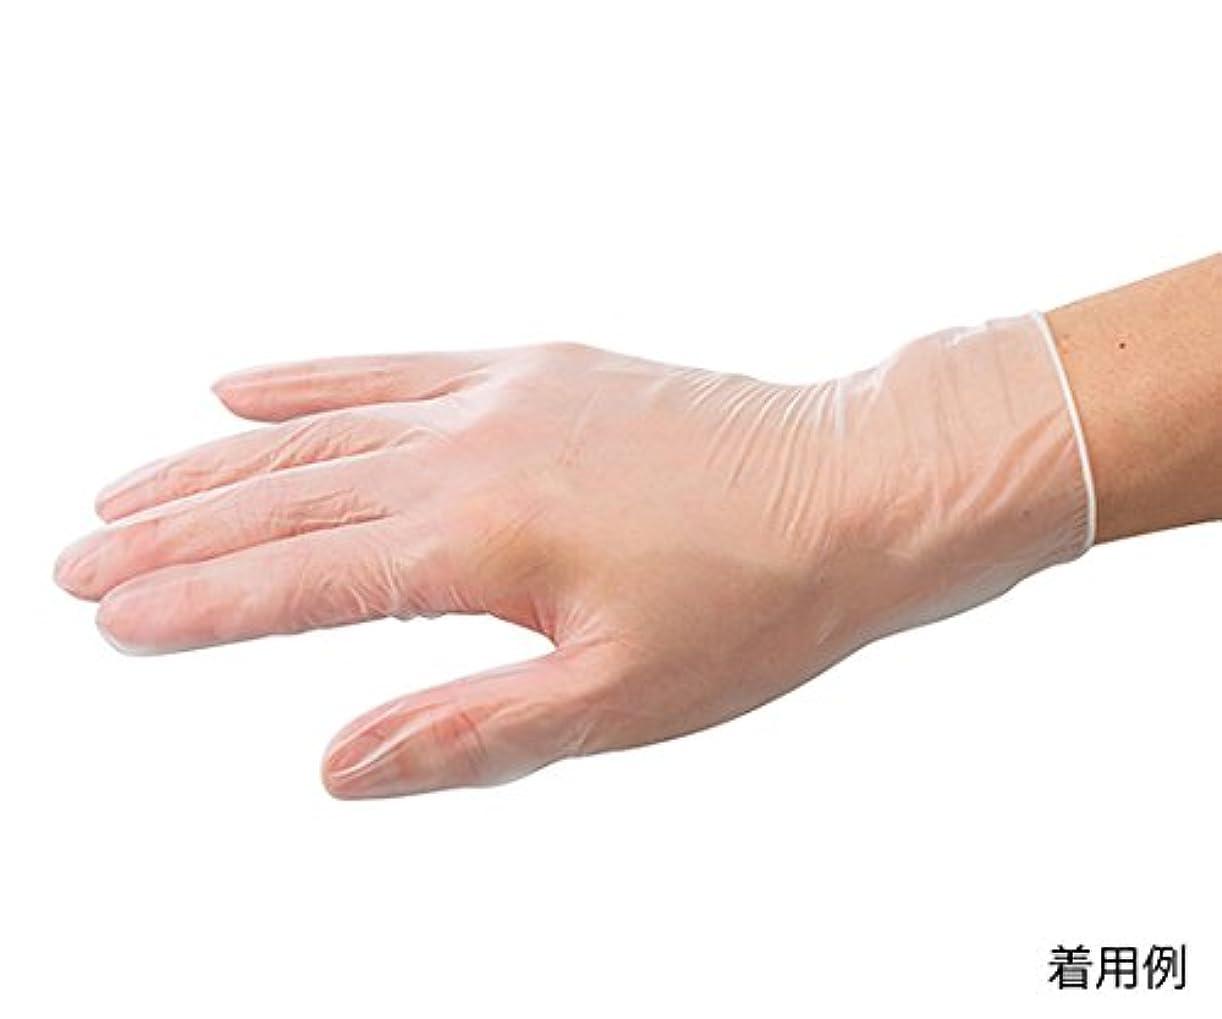 どきどきチューインガム突っ込むARメディコム?インク?アジアリミテッド7-3726-01バイタルプラスチック手袋(パウダーフリー)S150枚入